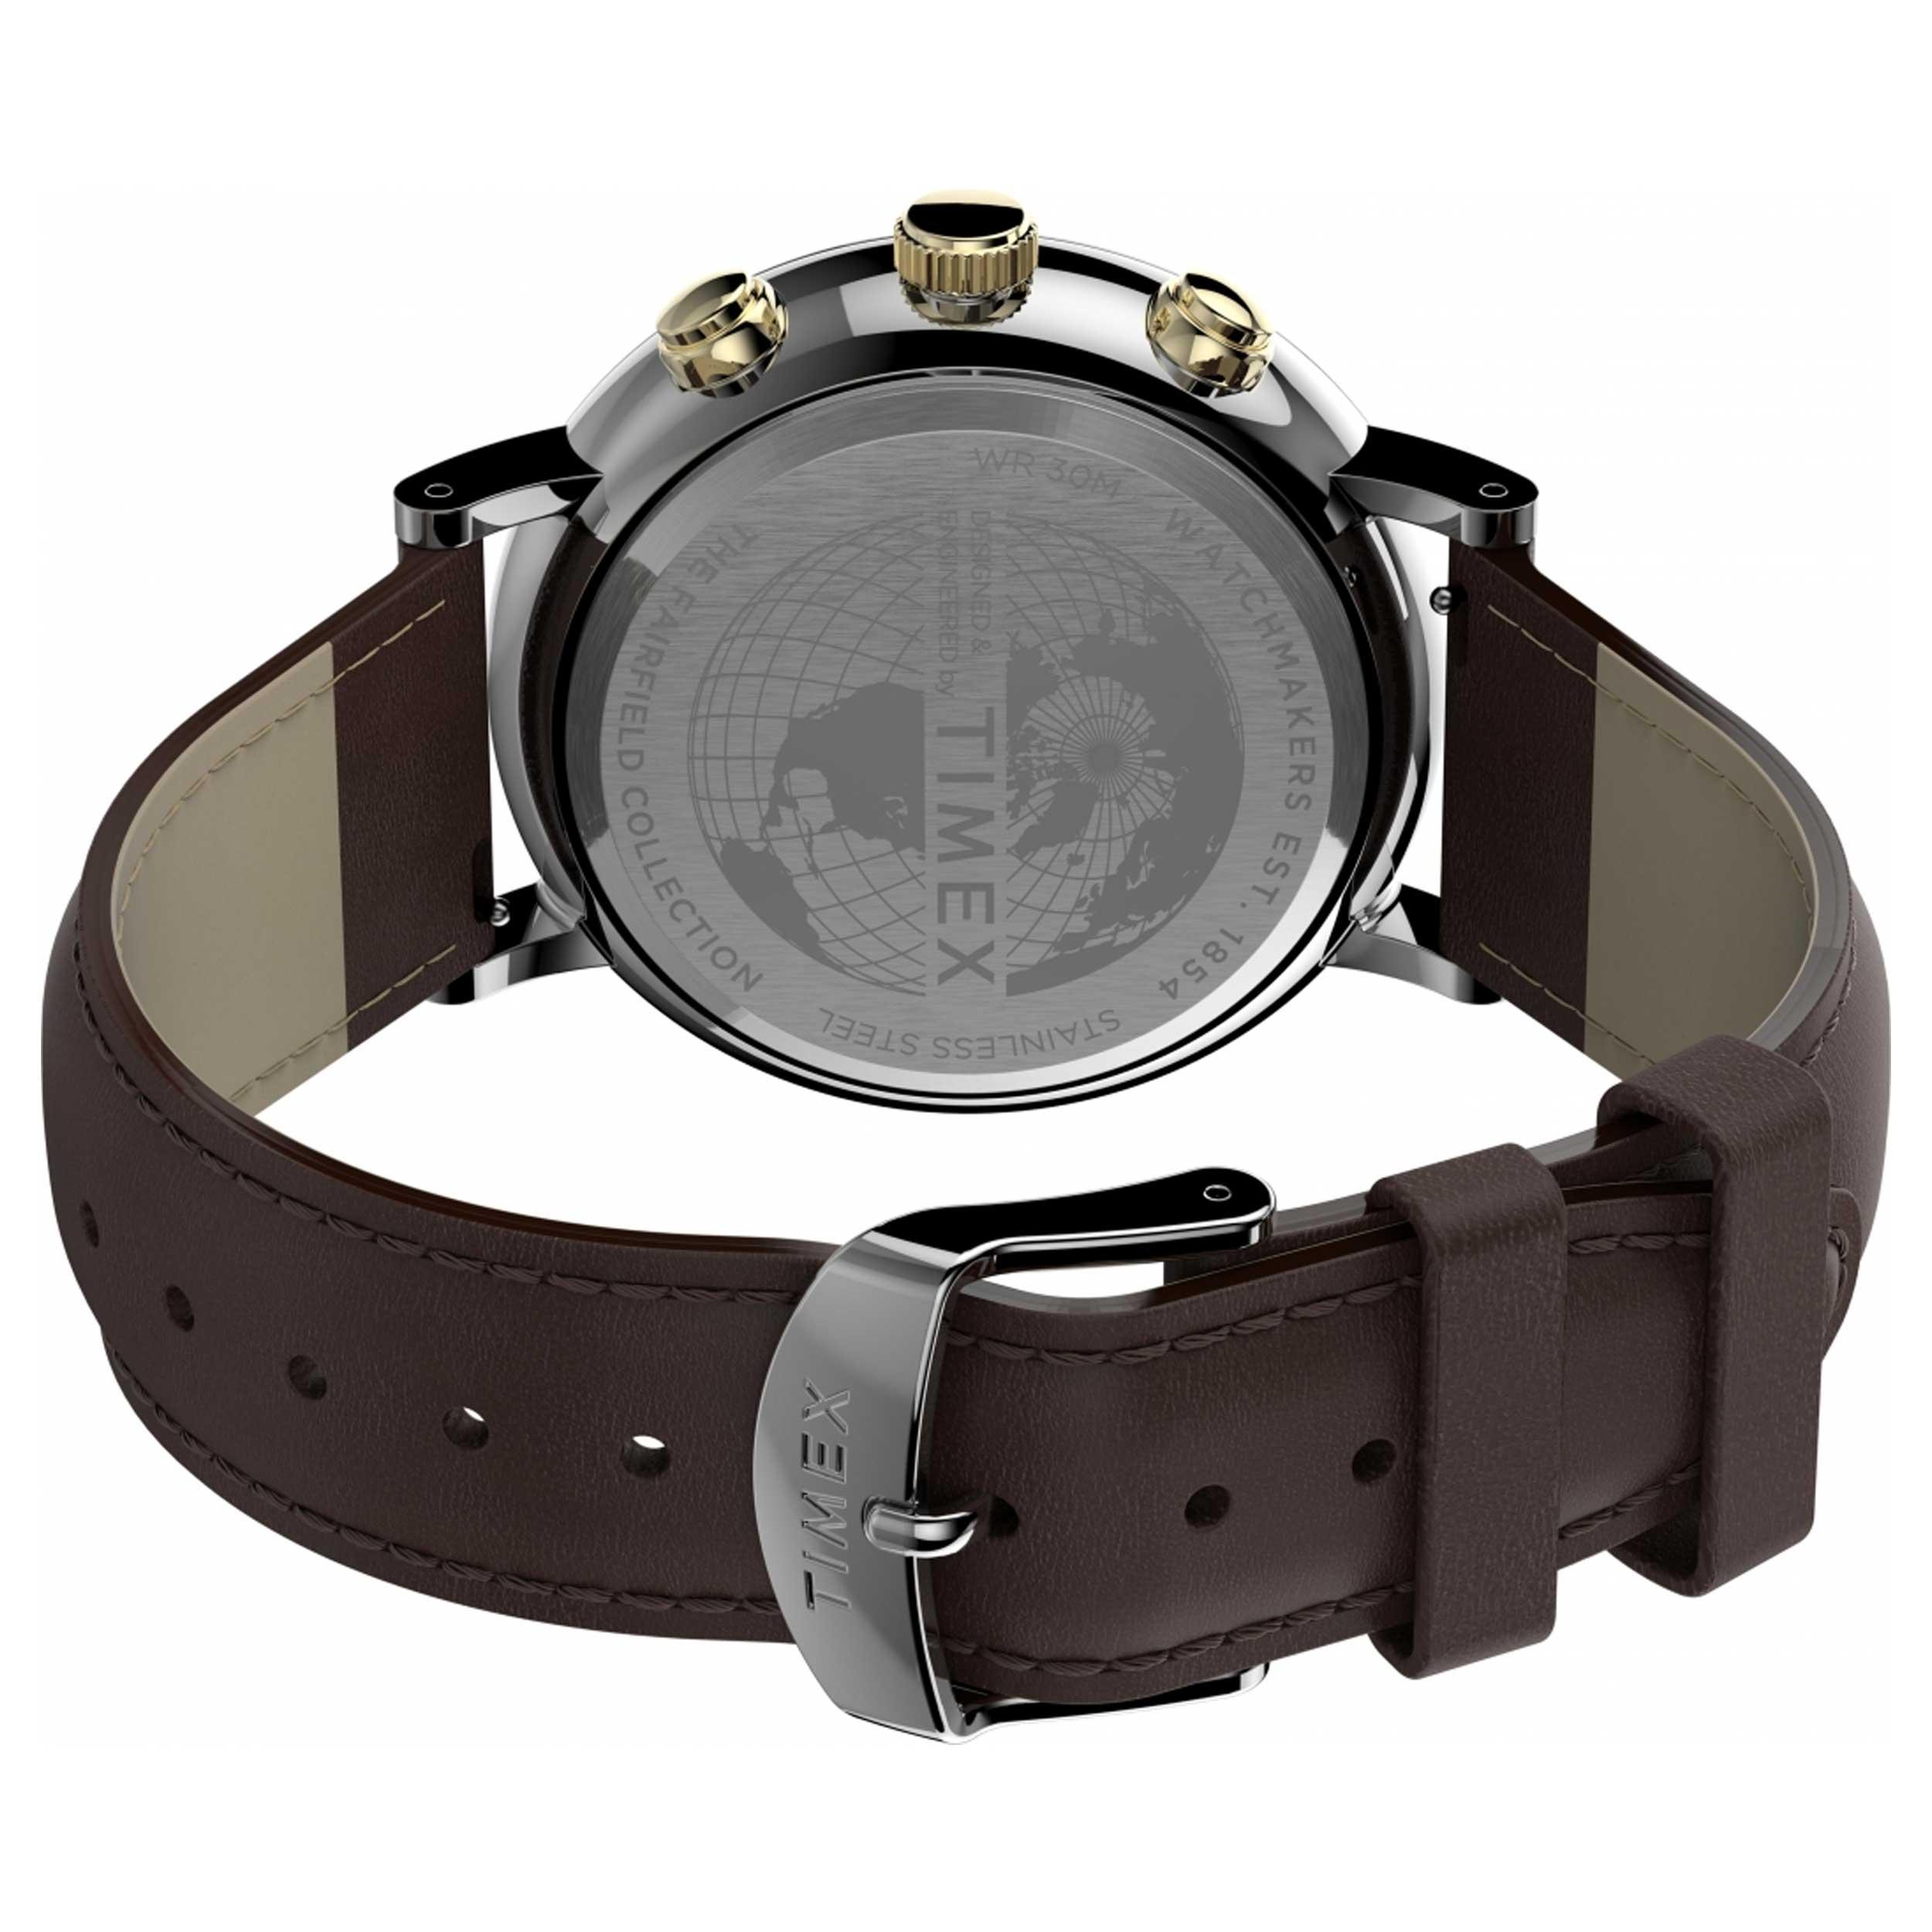 ساعت مچی عقربه ای مردانه تایمکس مدل TW2T67700